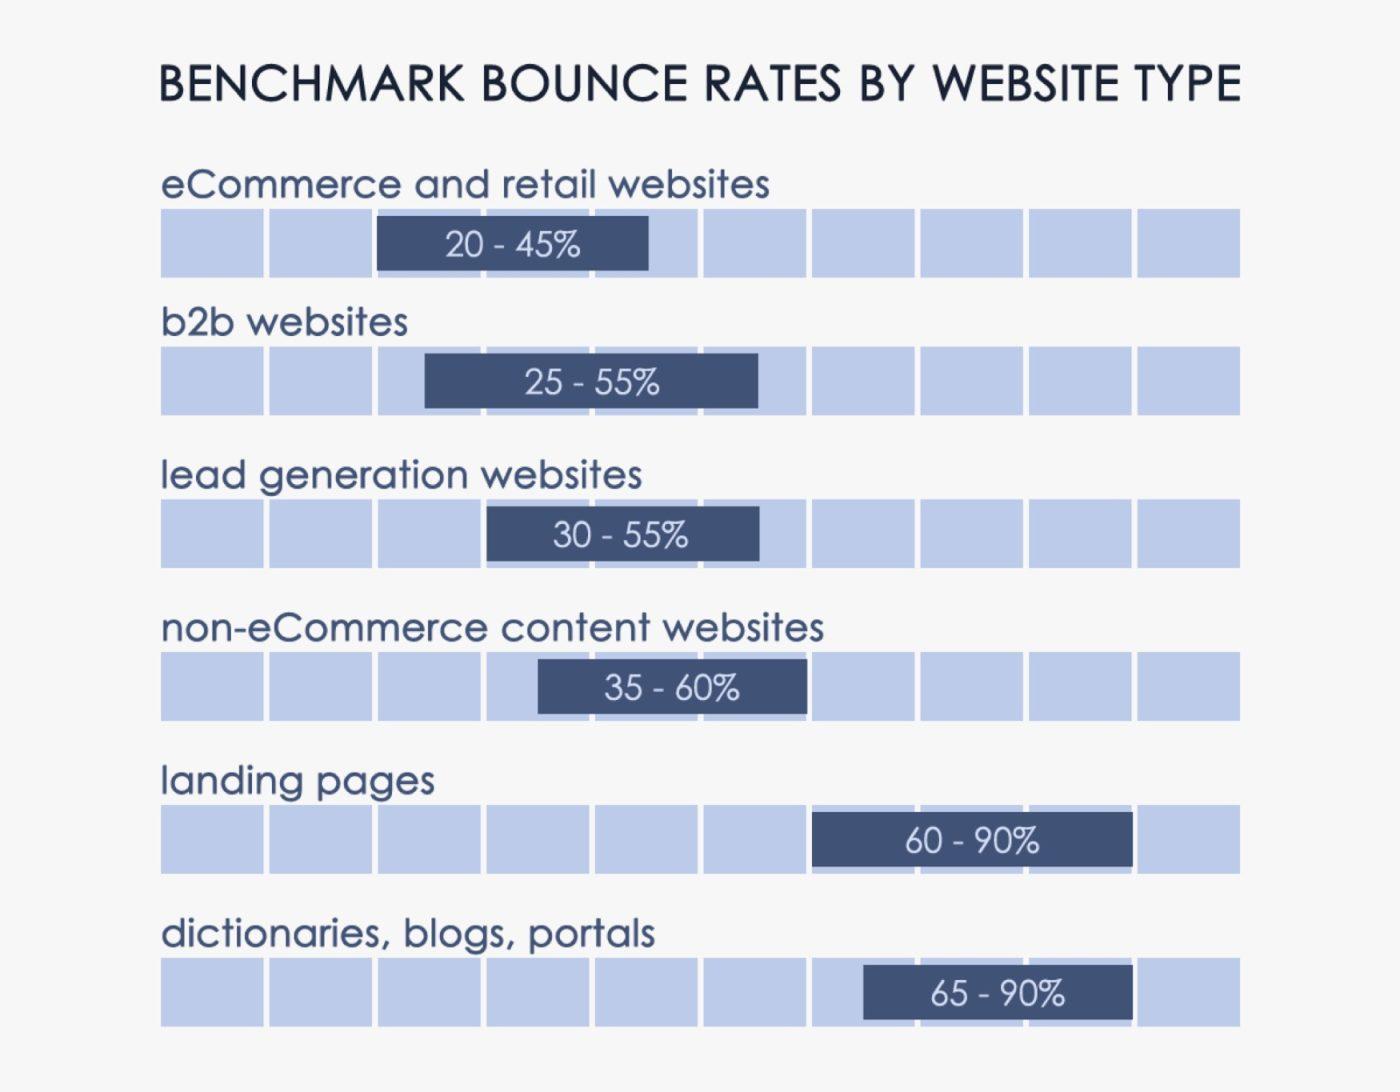 Hình 2: Điểm chuẩn cho tỷ lệ thoát dựa trên loại website